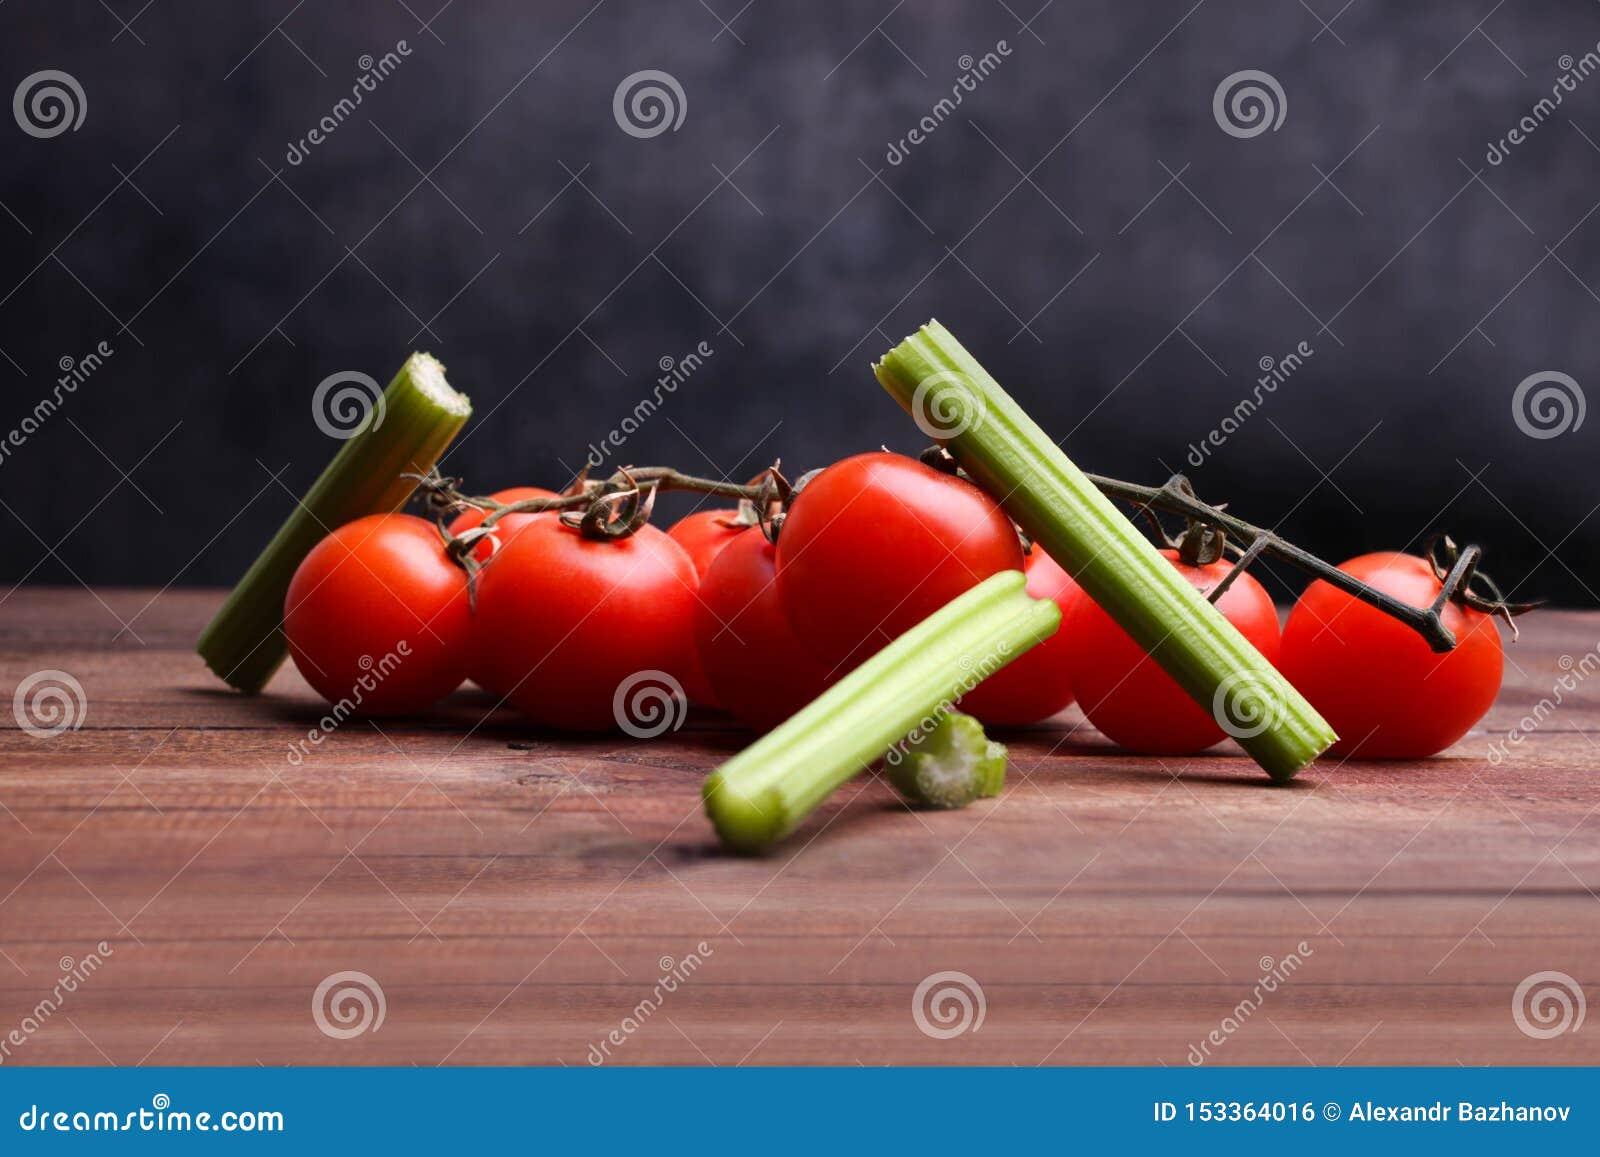 Céleri et tomate-cerise coupés en tranches